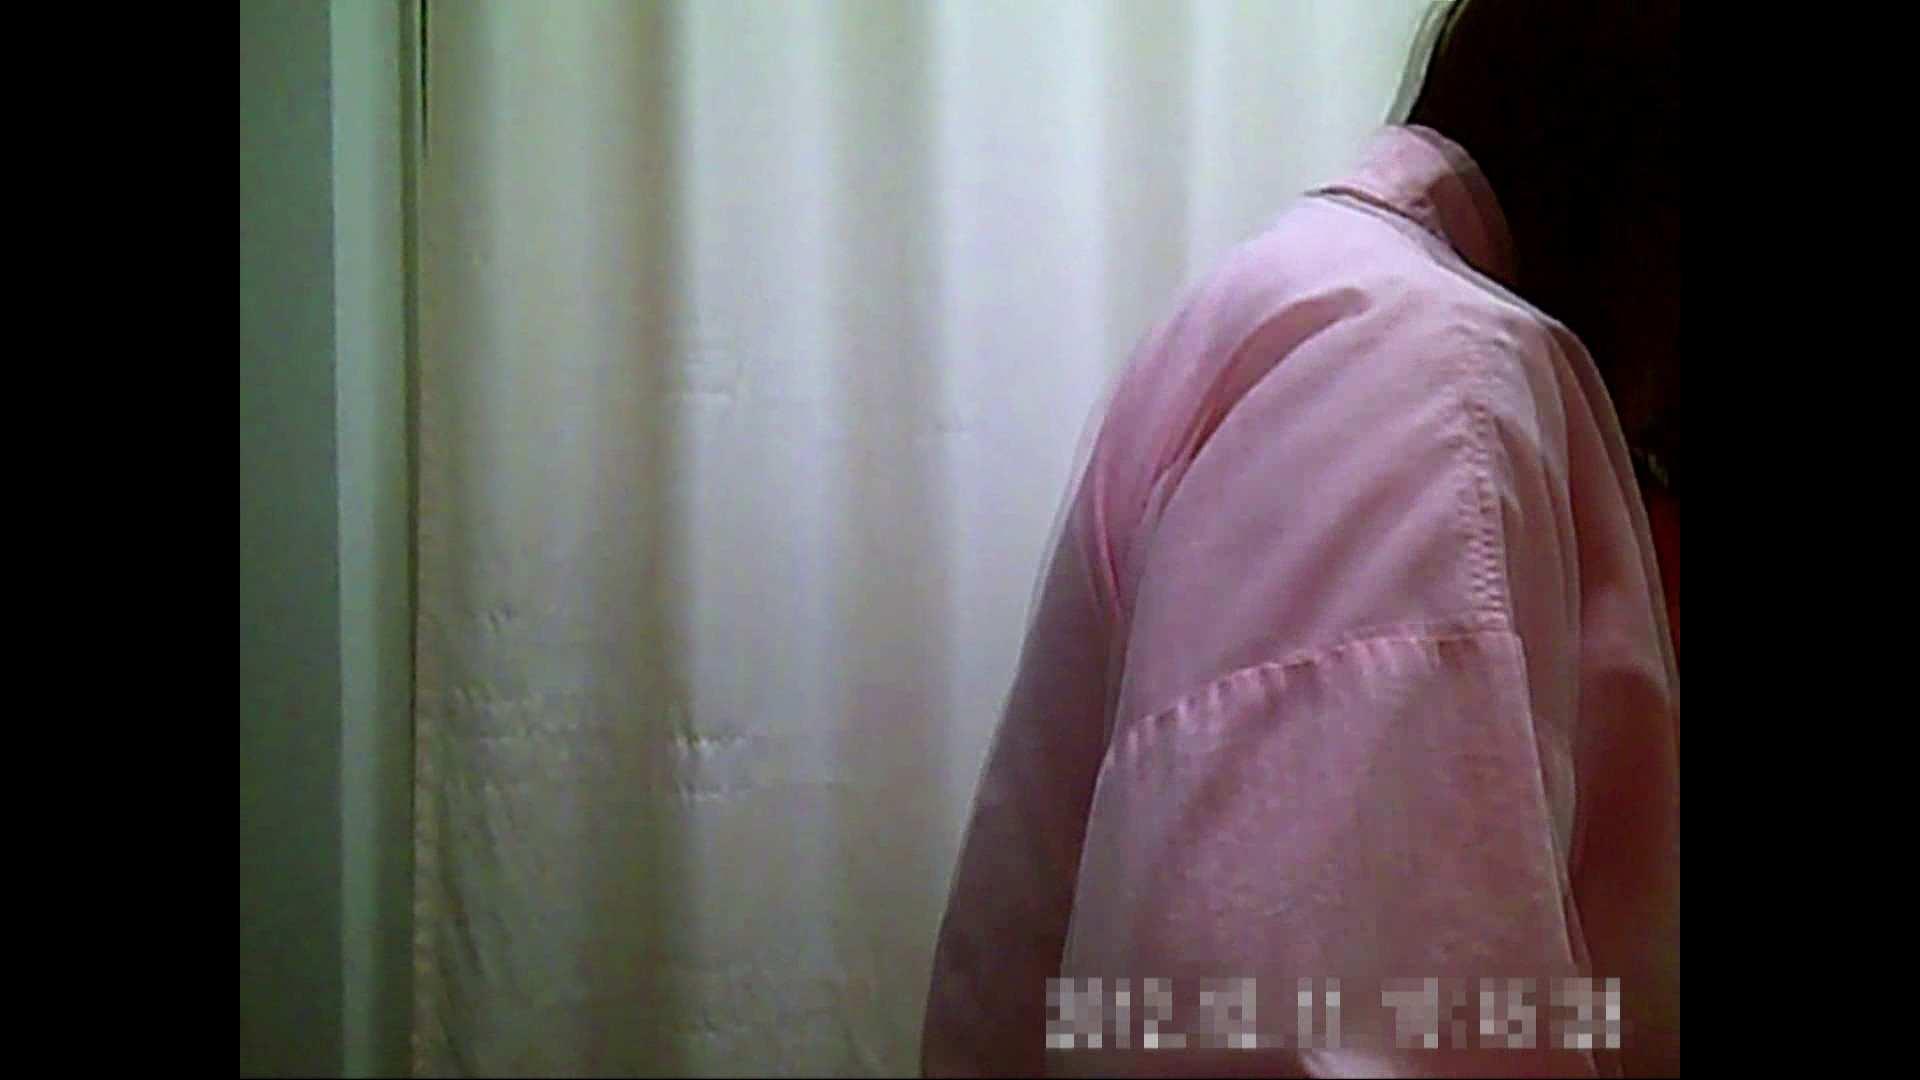 病院おもいっきり着替え! vol.174 盗撮 盗み撮り動画キャプチャ 89pic 45